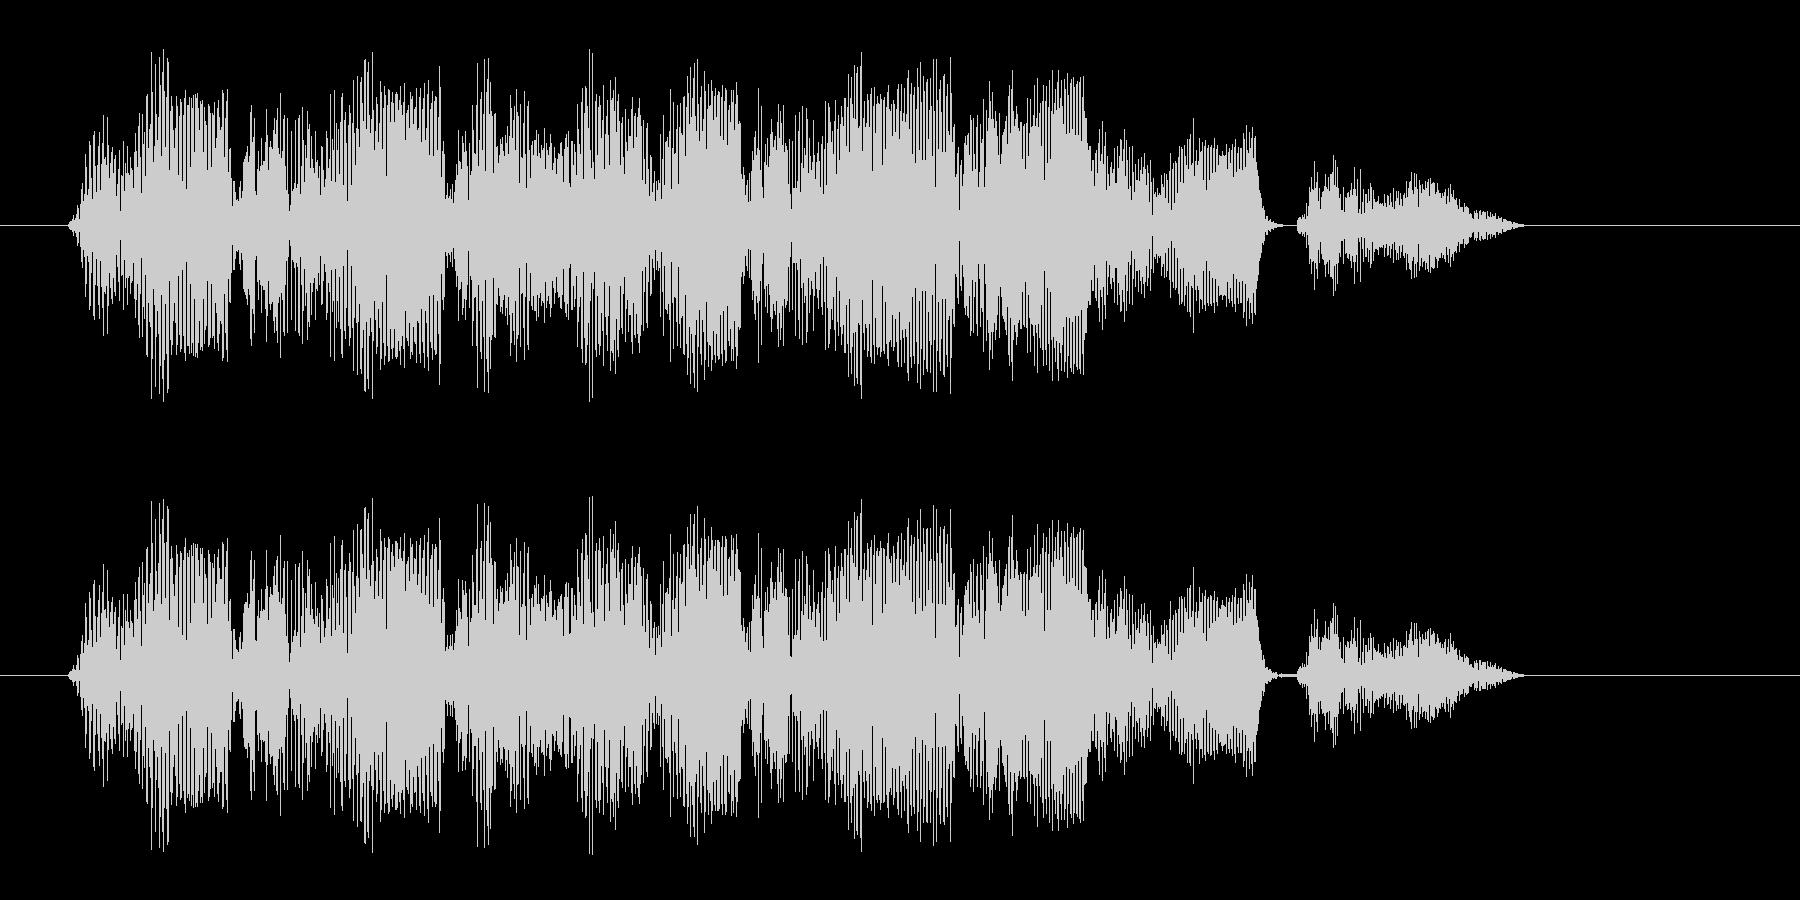 ビュルル(ワープや場面展開系の音)の未再生の波形